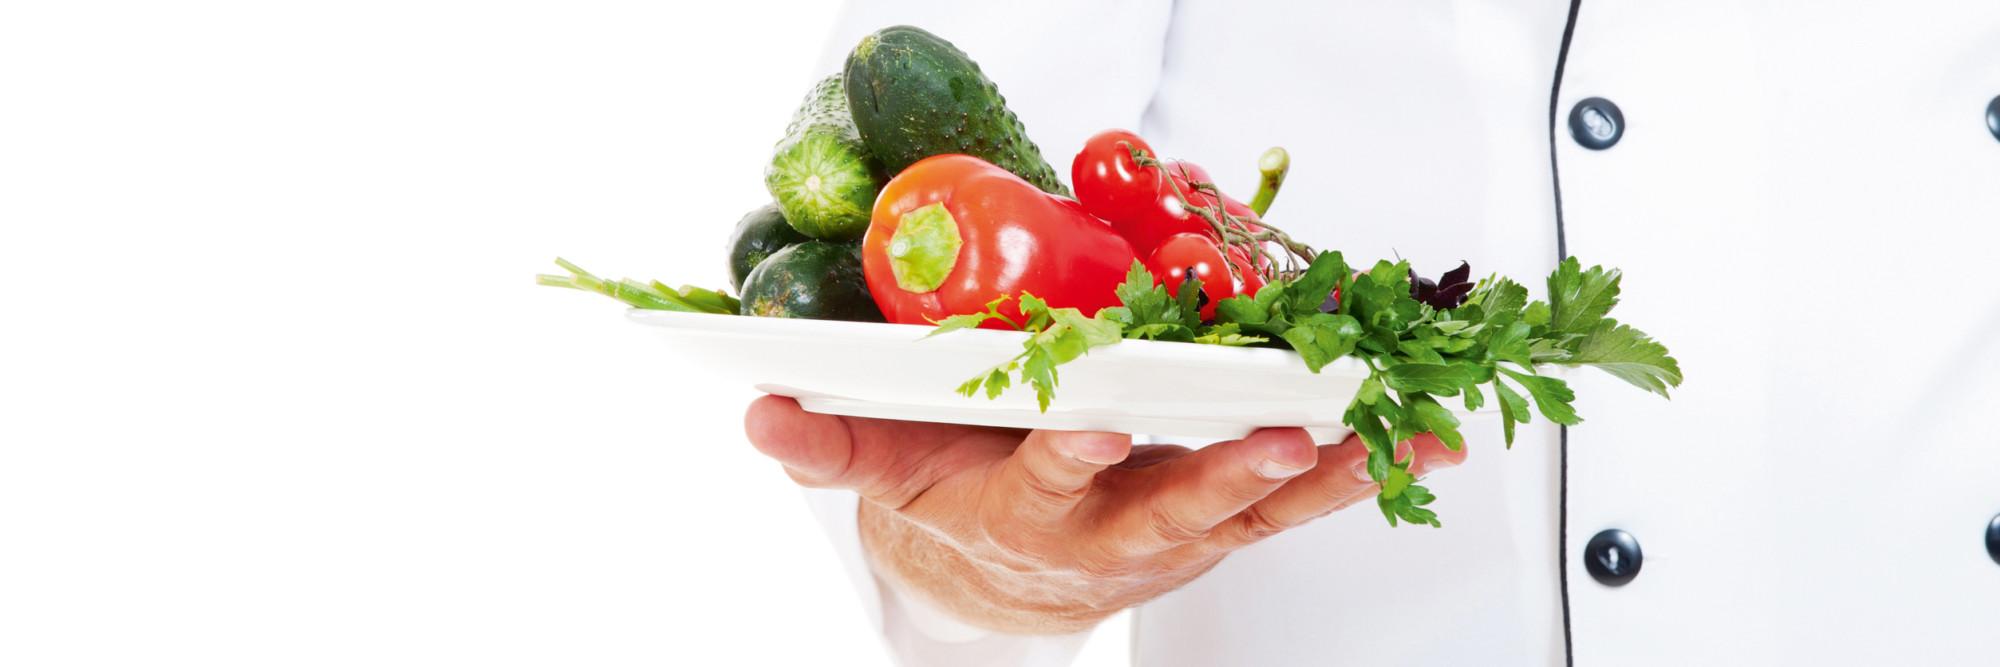 Ein Koch - nicht erkennbar - präsentiert einen Teller frischer Gemüse.